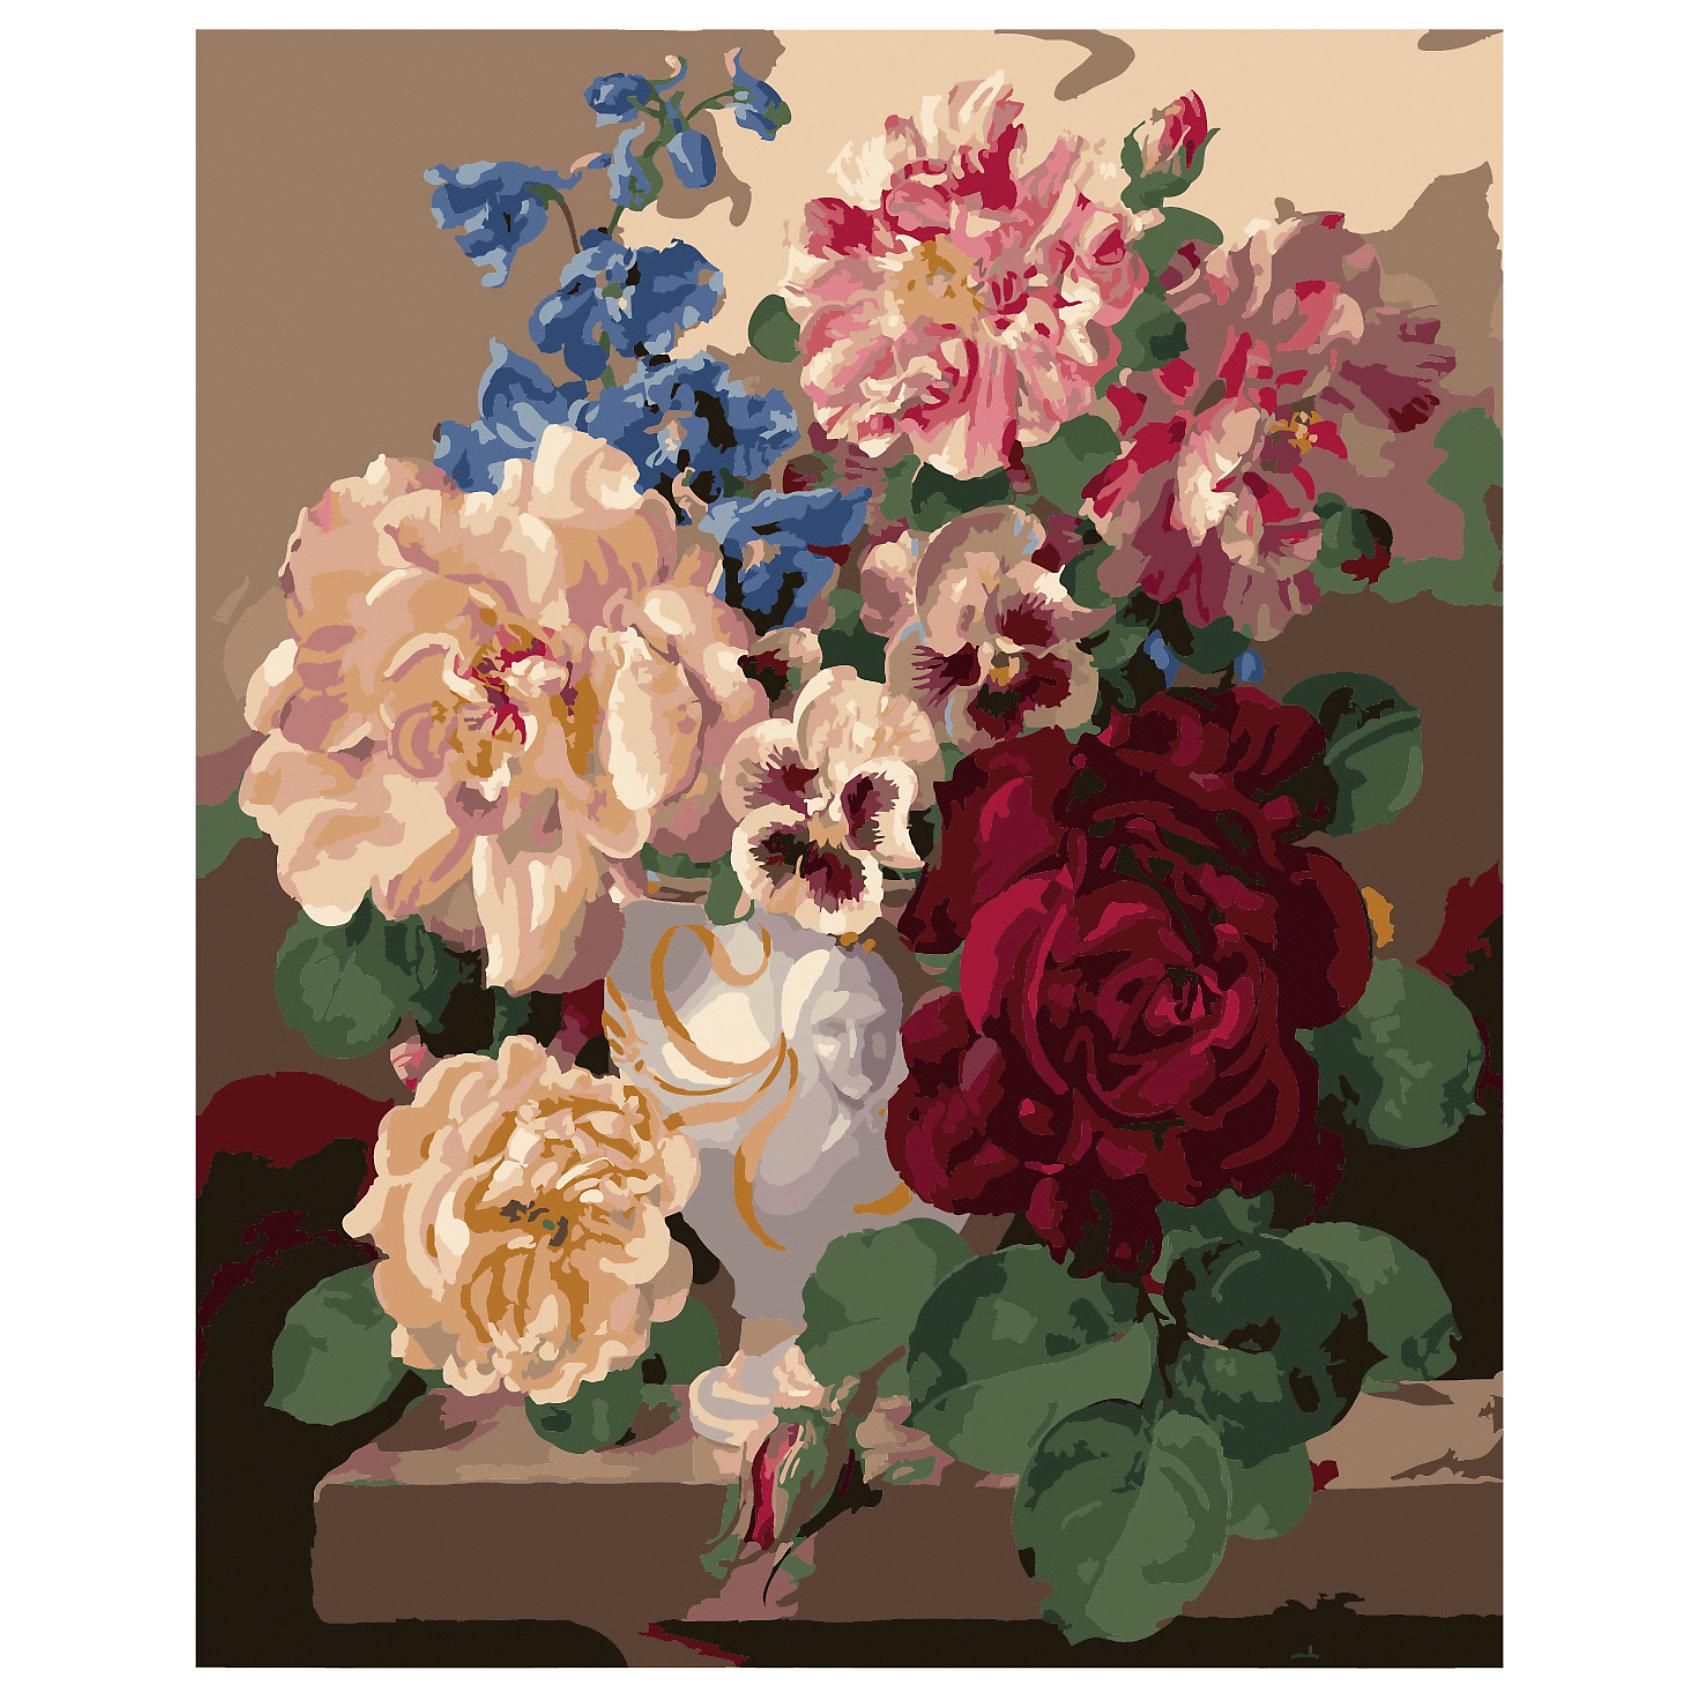 TUKZAR Роспись по номерам Букет пионов с васильками 40*50 см наборы для рисования цветной картины по номерам букет розовых цветов